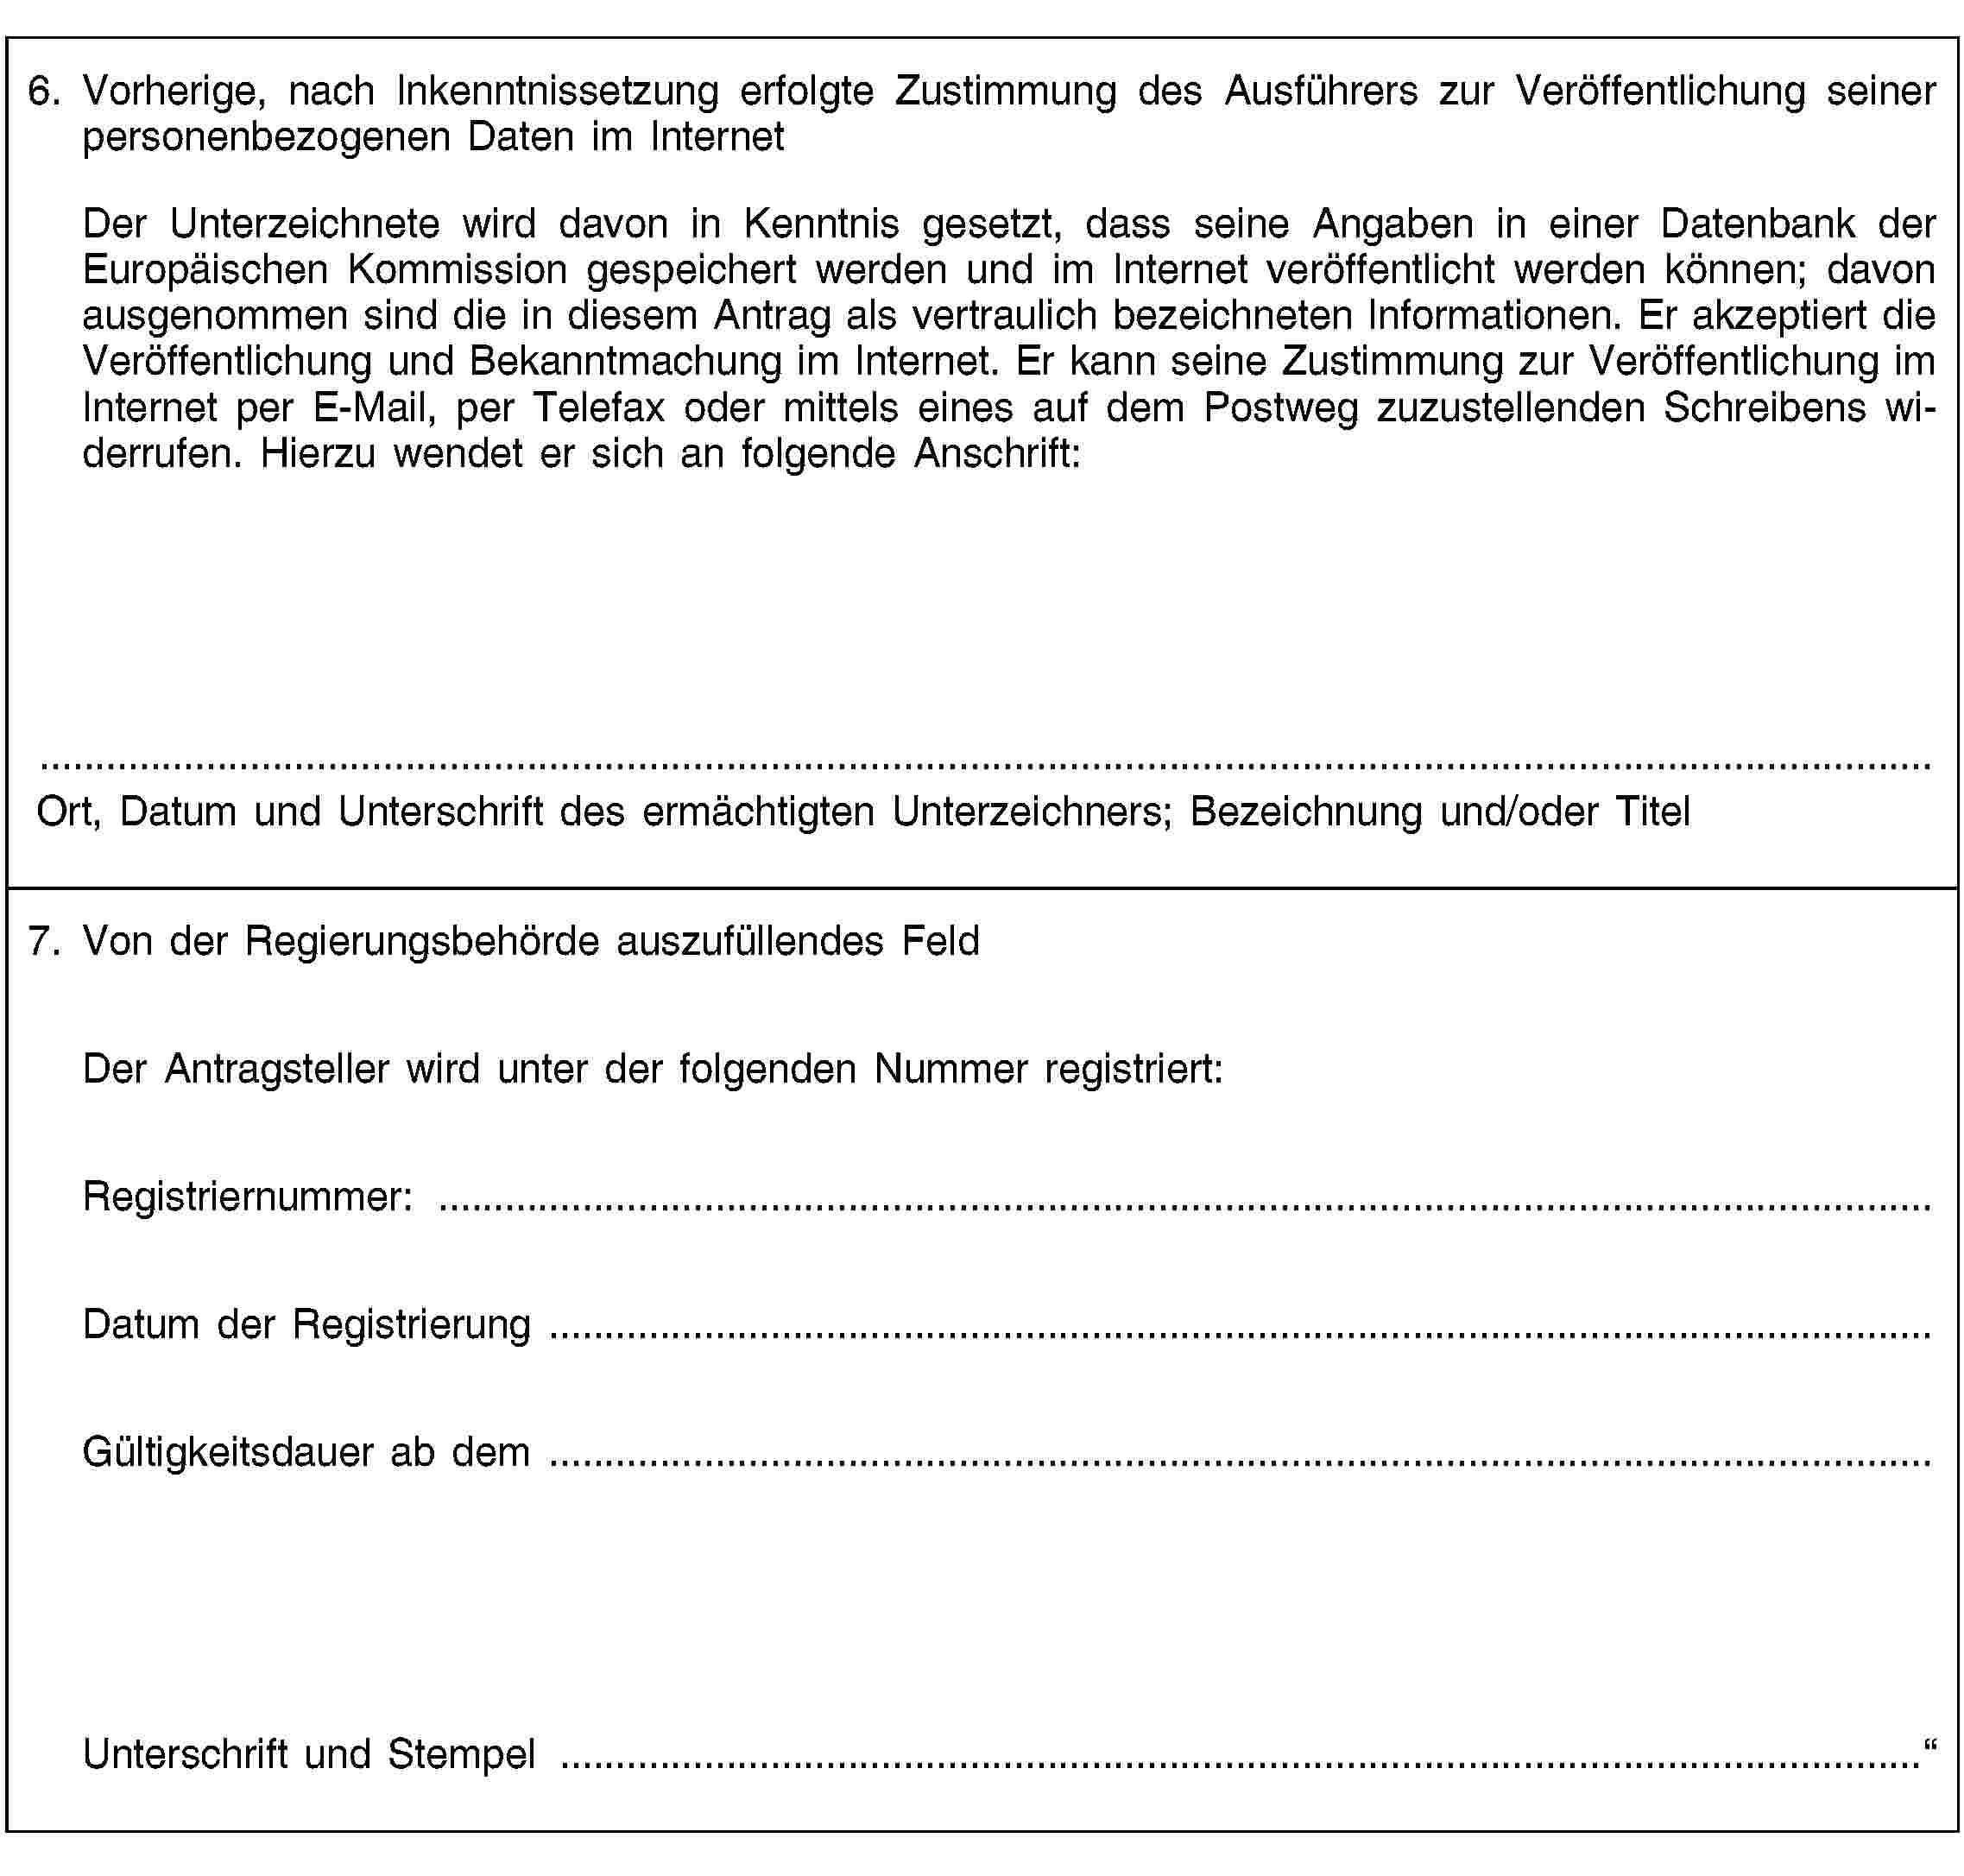 Ungewöhnlich Fortsetzen Vorlagen Für Werkzeug Und Formenbauer Ideen ...